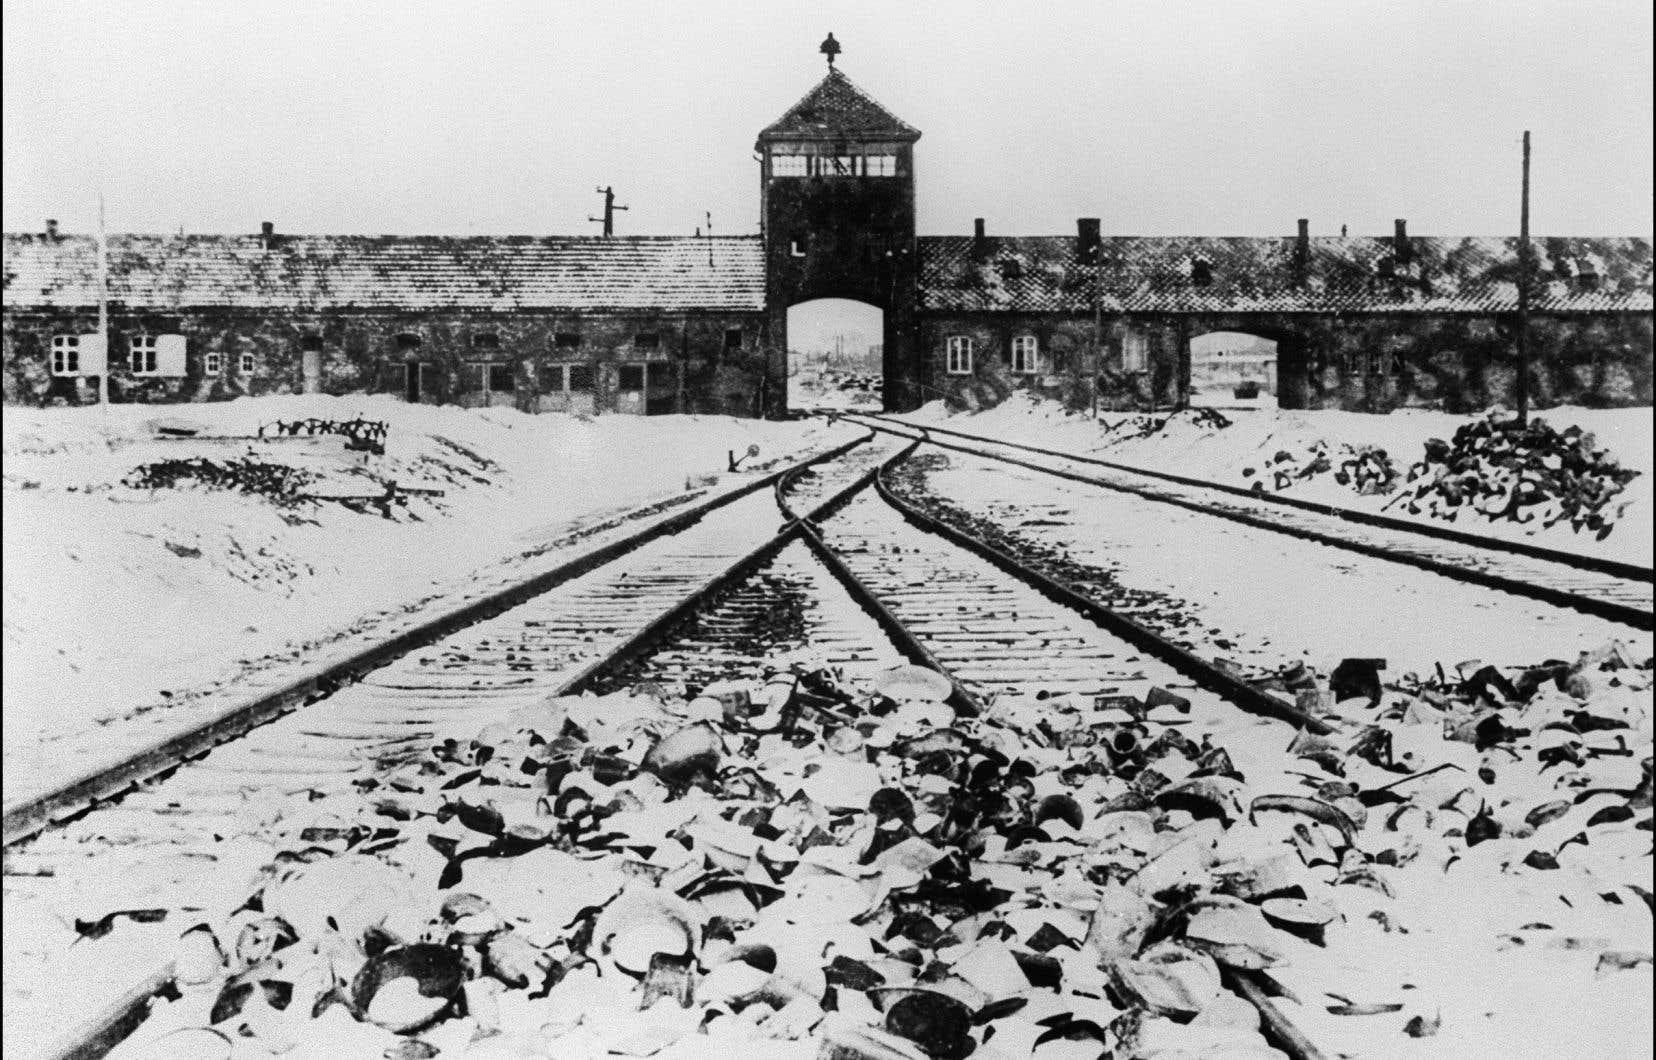 Photo prise en janvier 1945 montrant la grille d'entrée et les rails du camp de concentration d'Auschwitz après sa libération par les troupes soviétiques.